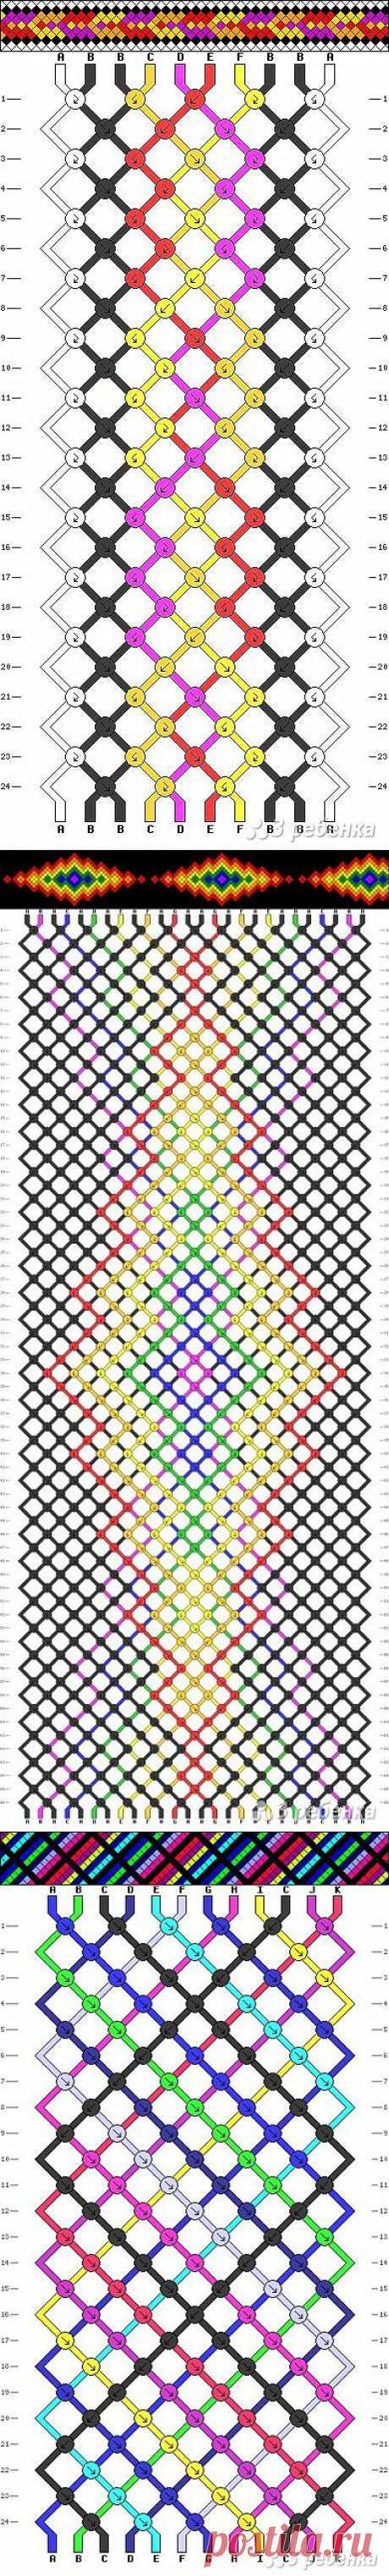 Фенечки из мулине: схемы плетения (50 схем) - 3 ребенка